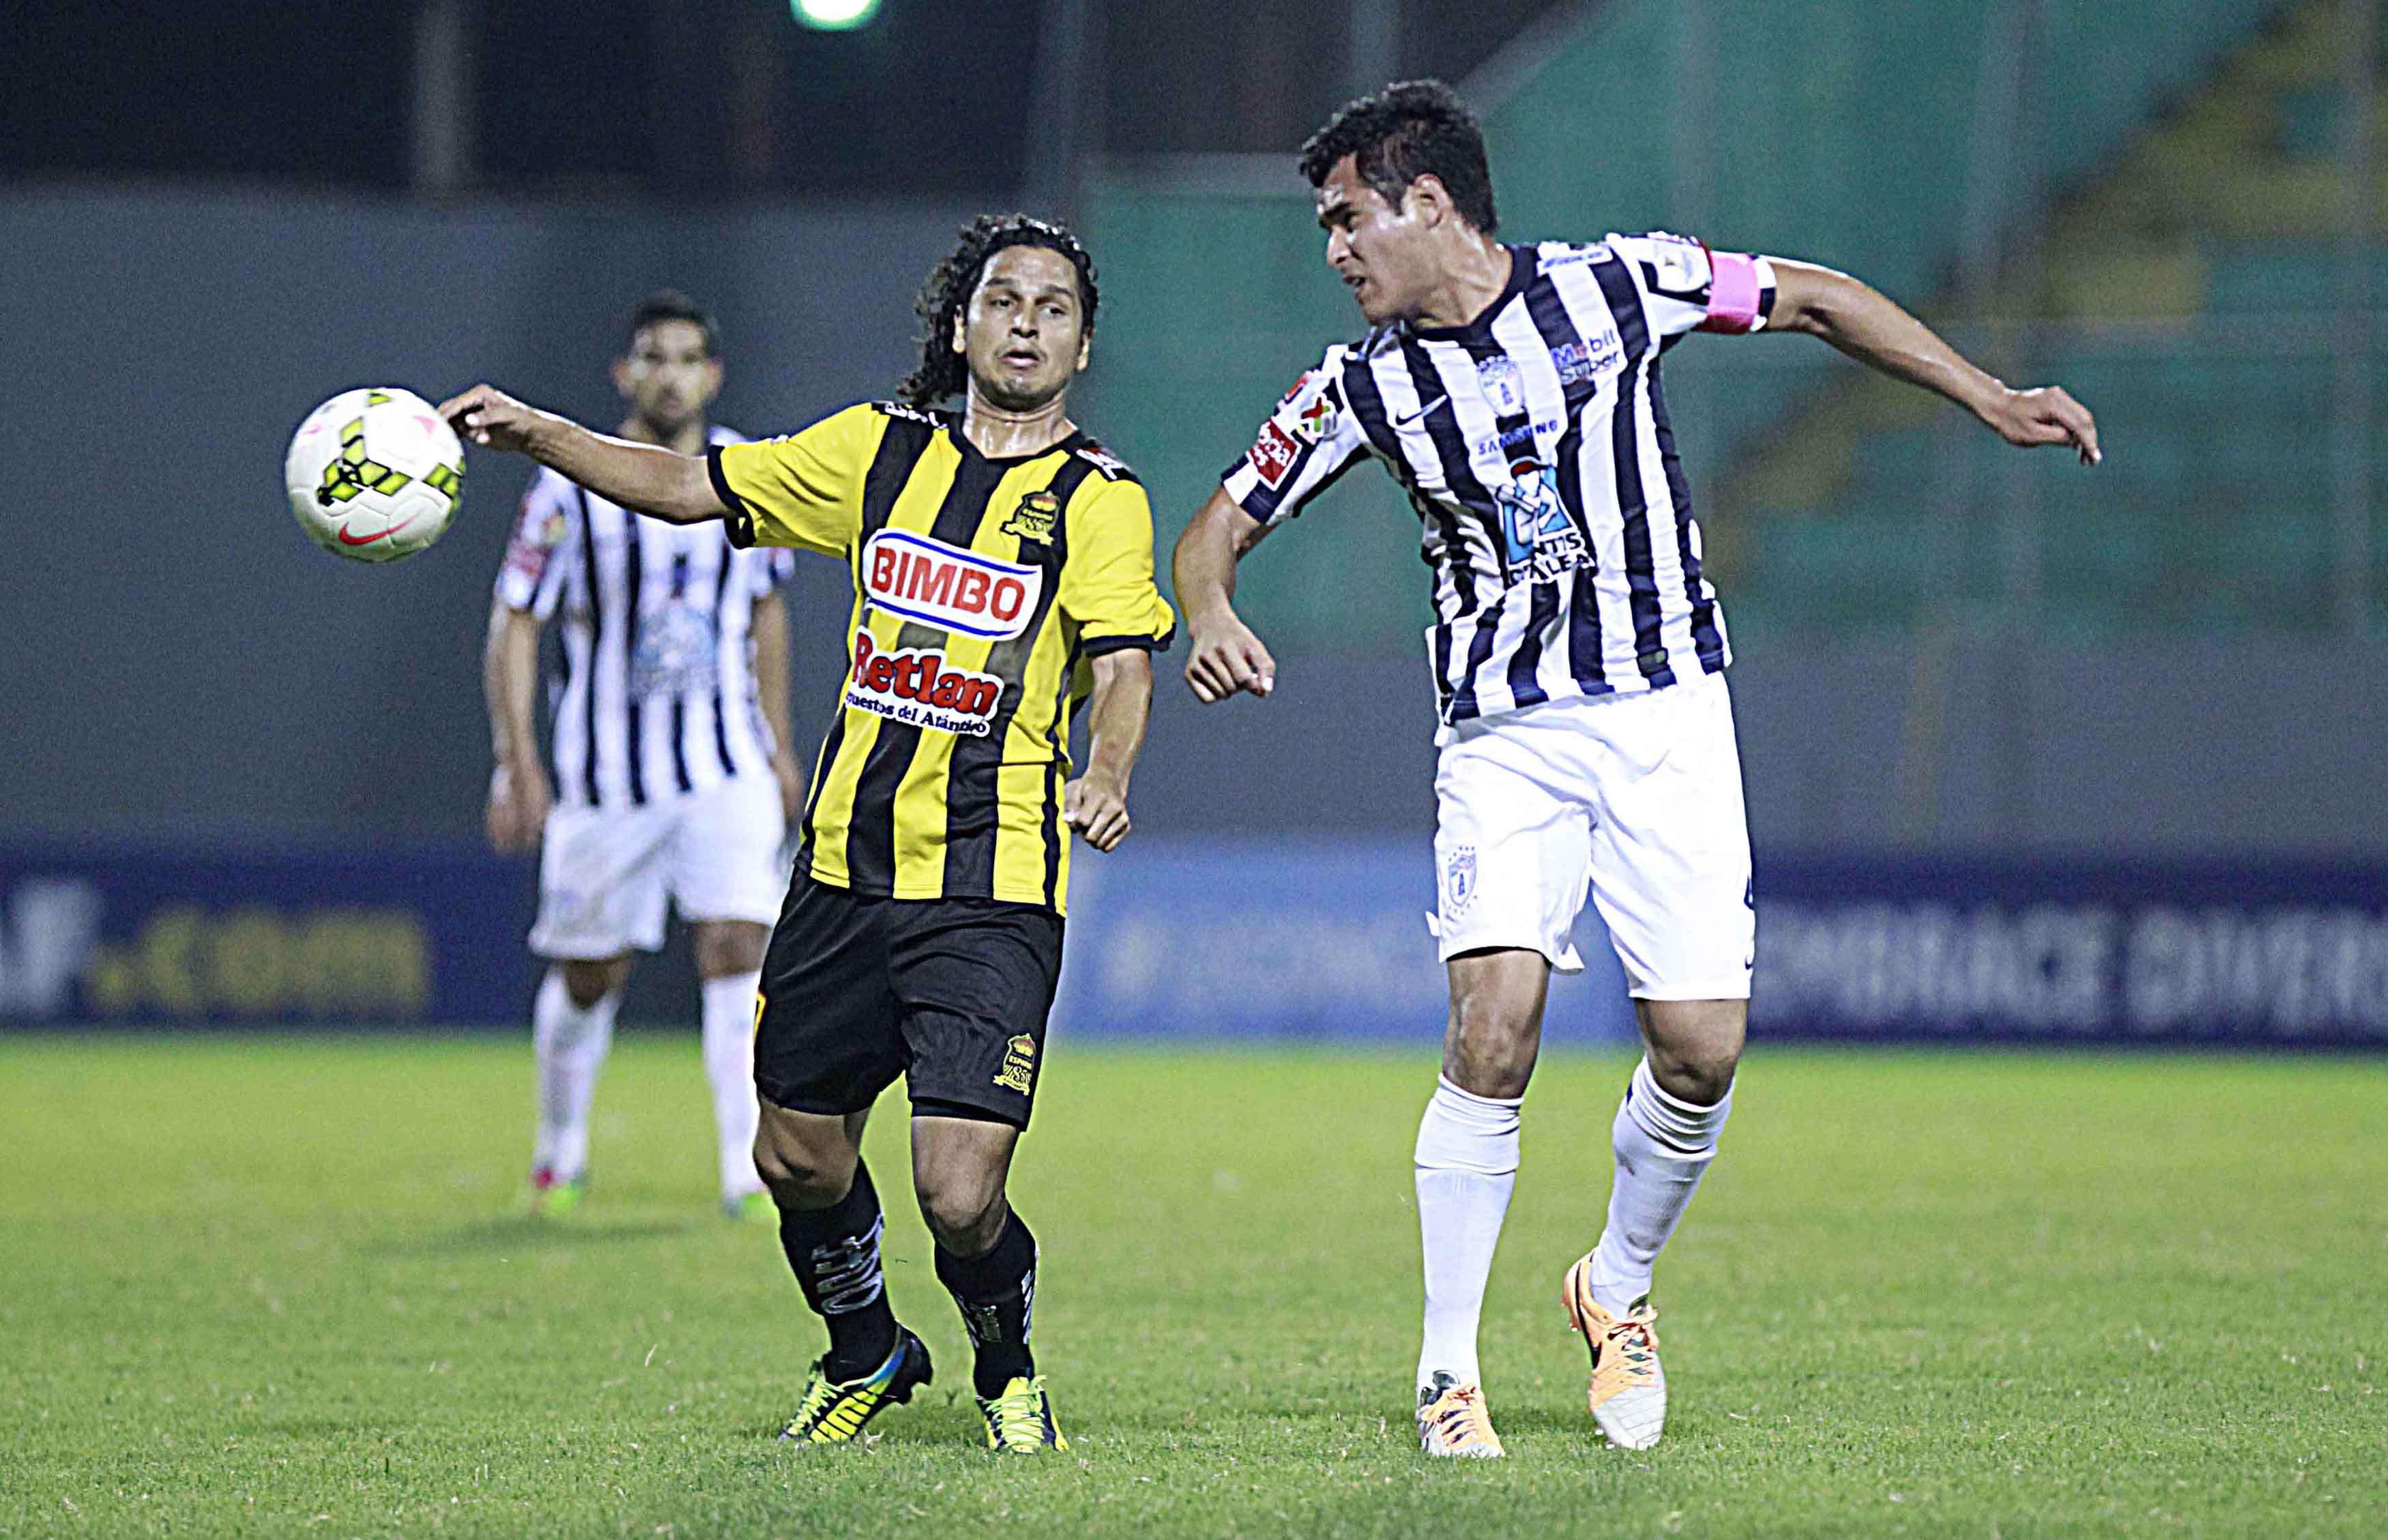 Pachuca no tuvo una buena noche en Honduras, pero sigue con vida en la Concacaf. Foto: Mexsport